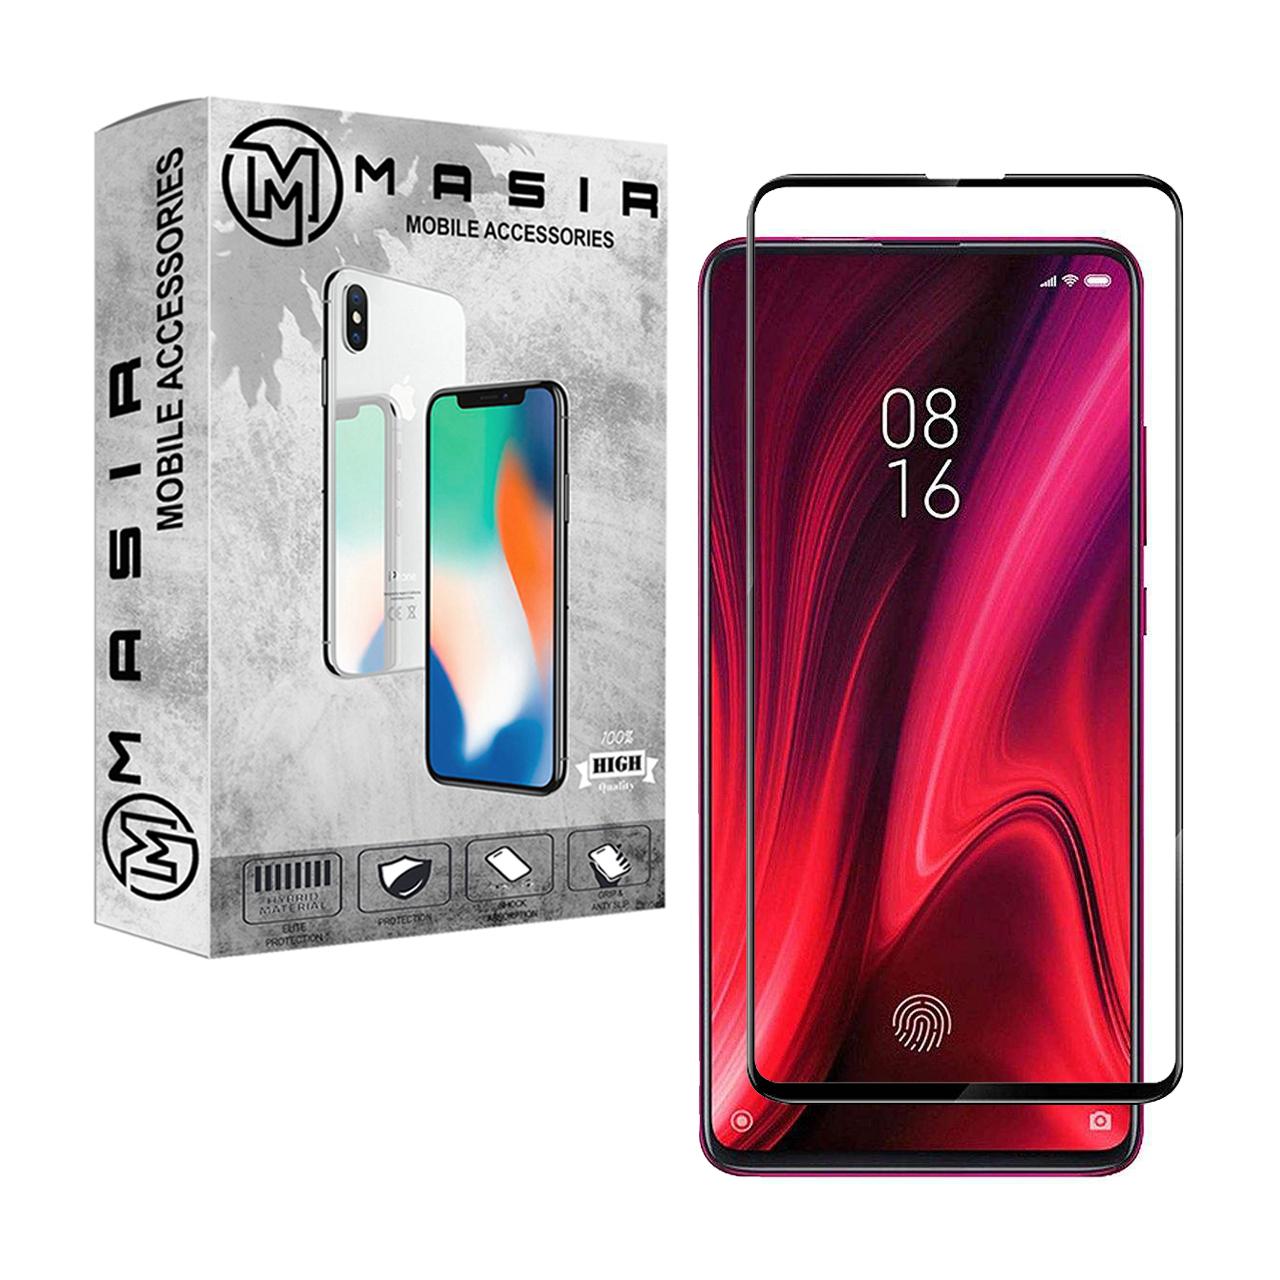 محافظ صفحه نمایش مسیر مدل MGF-1 مناسب برای گوشی موبایل شیائومی K20/K20 Pro/Mi 9T